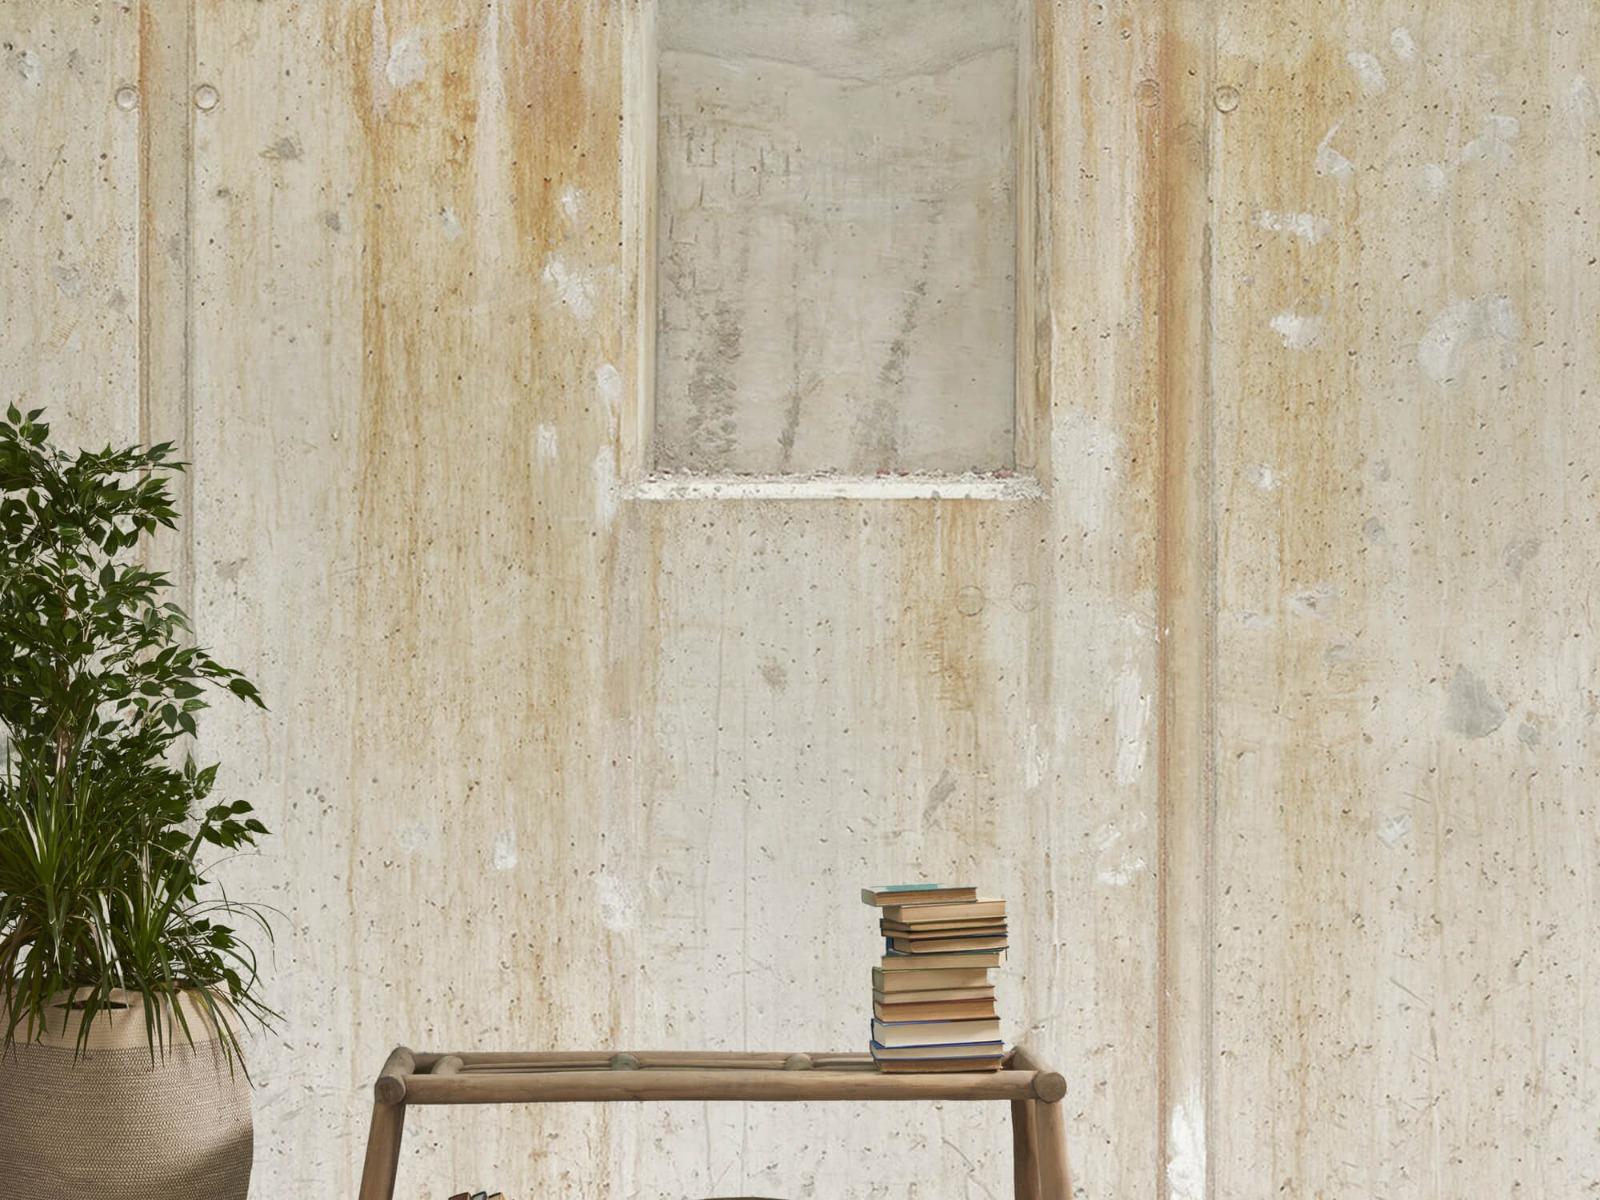 Betonlook behang - Beton en bakstenen - Wallexclusive - Woonkamer 21